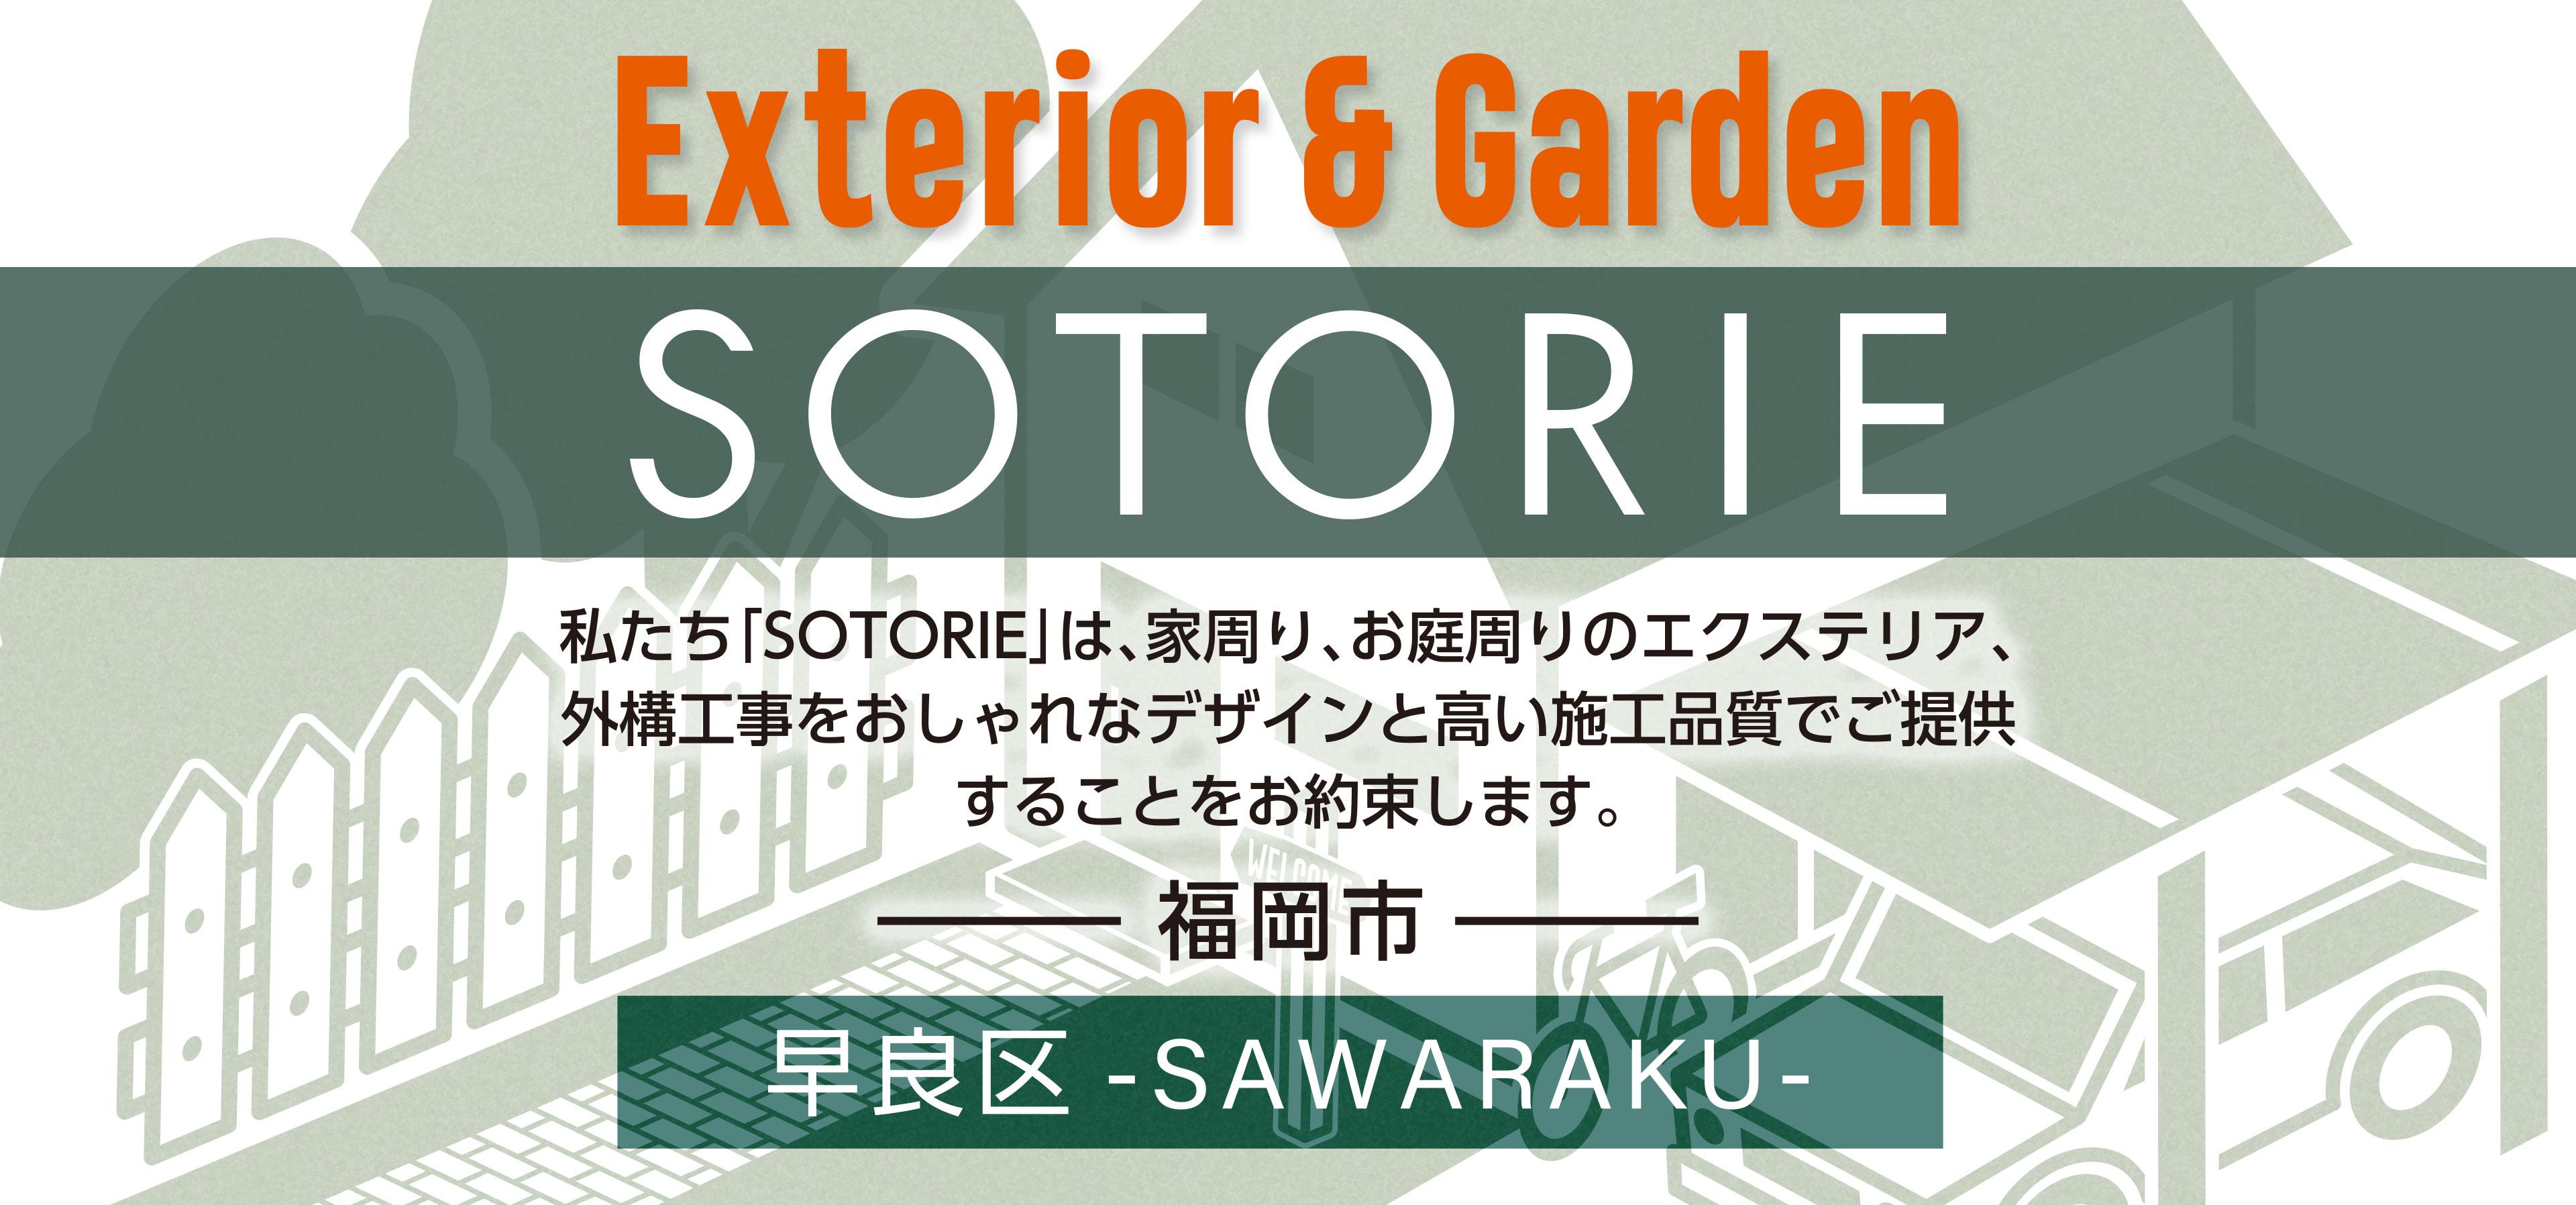 ソトリエ福岡市早良区では、家周りと庭周りの外構、エクステリア工事をおしゃれなデザインと高い施工品質でご提供することをお約束します。